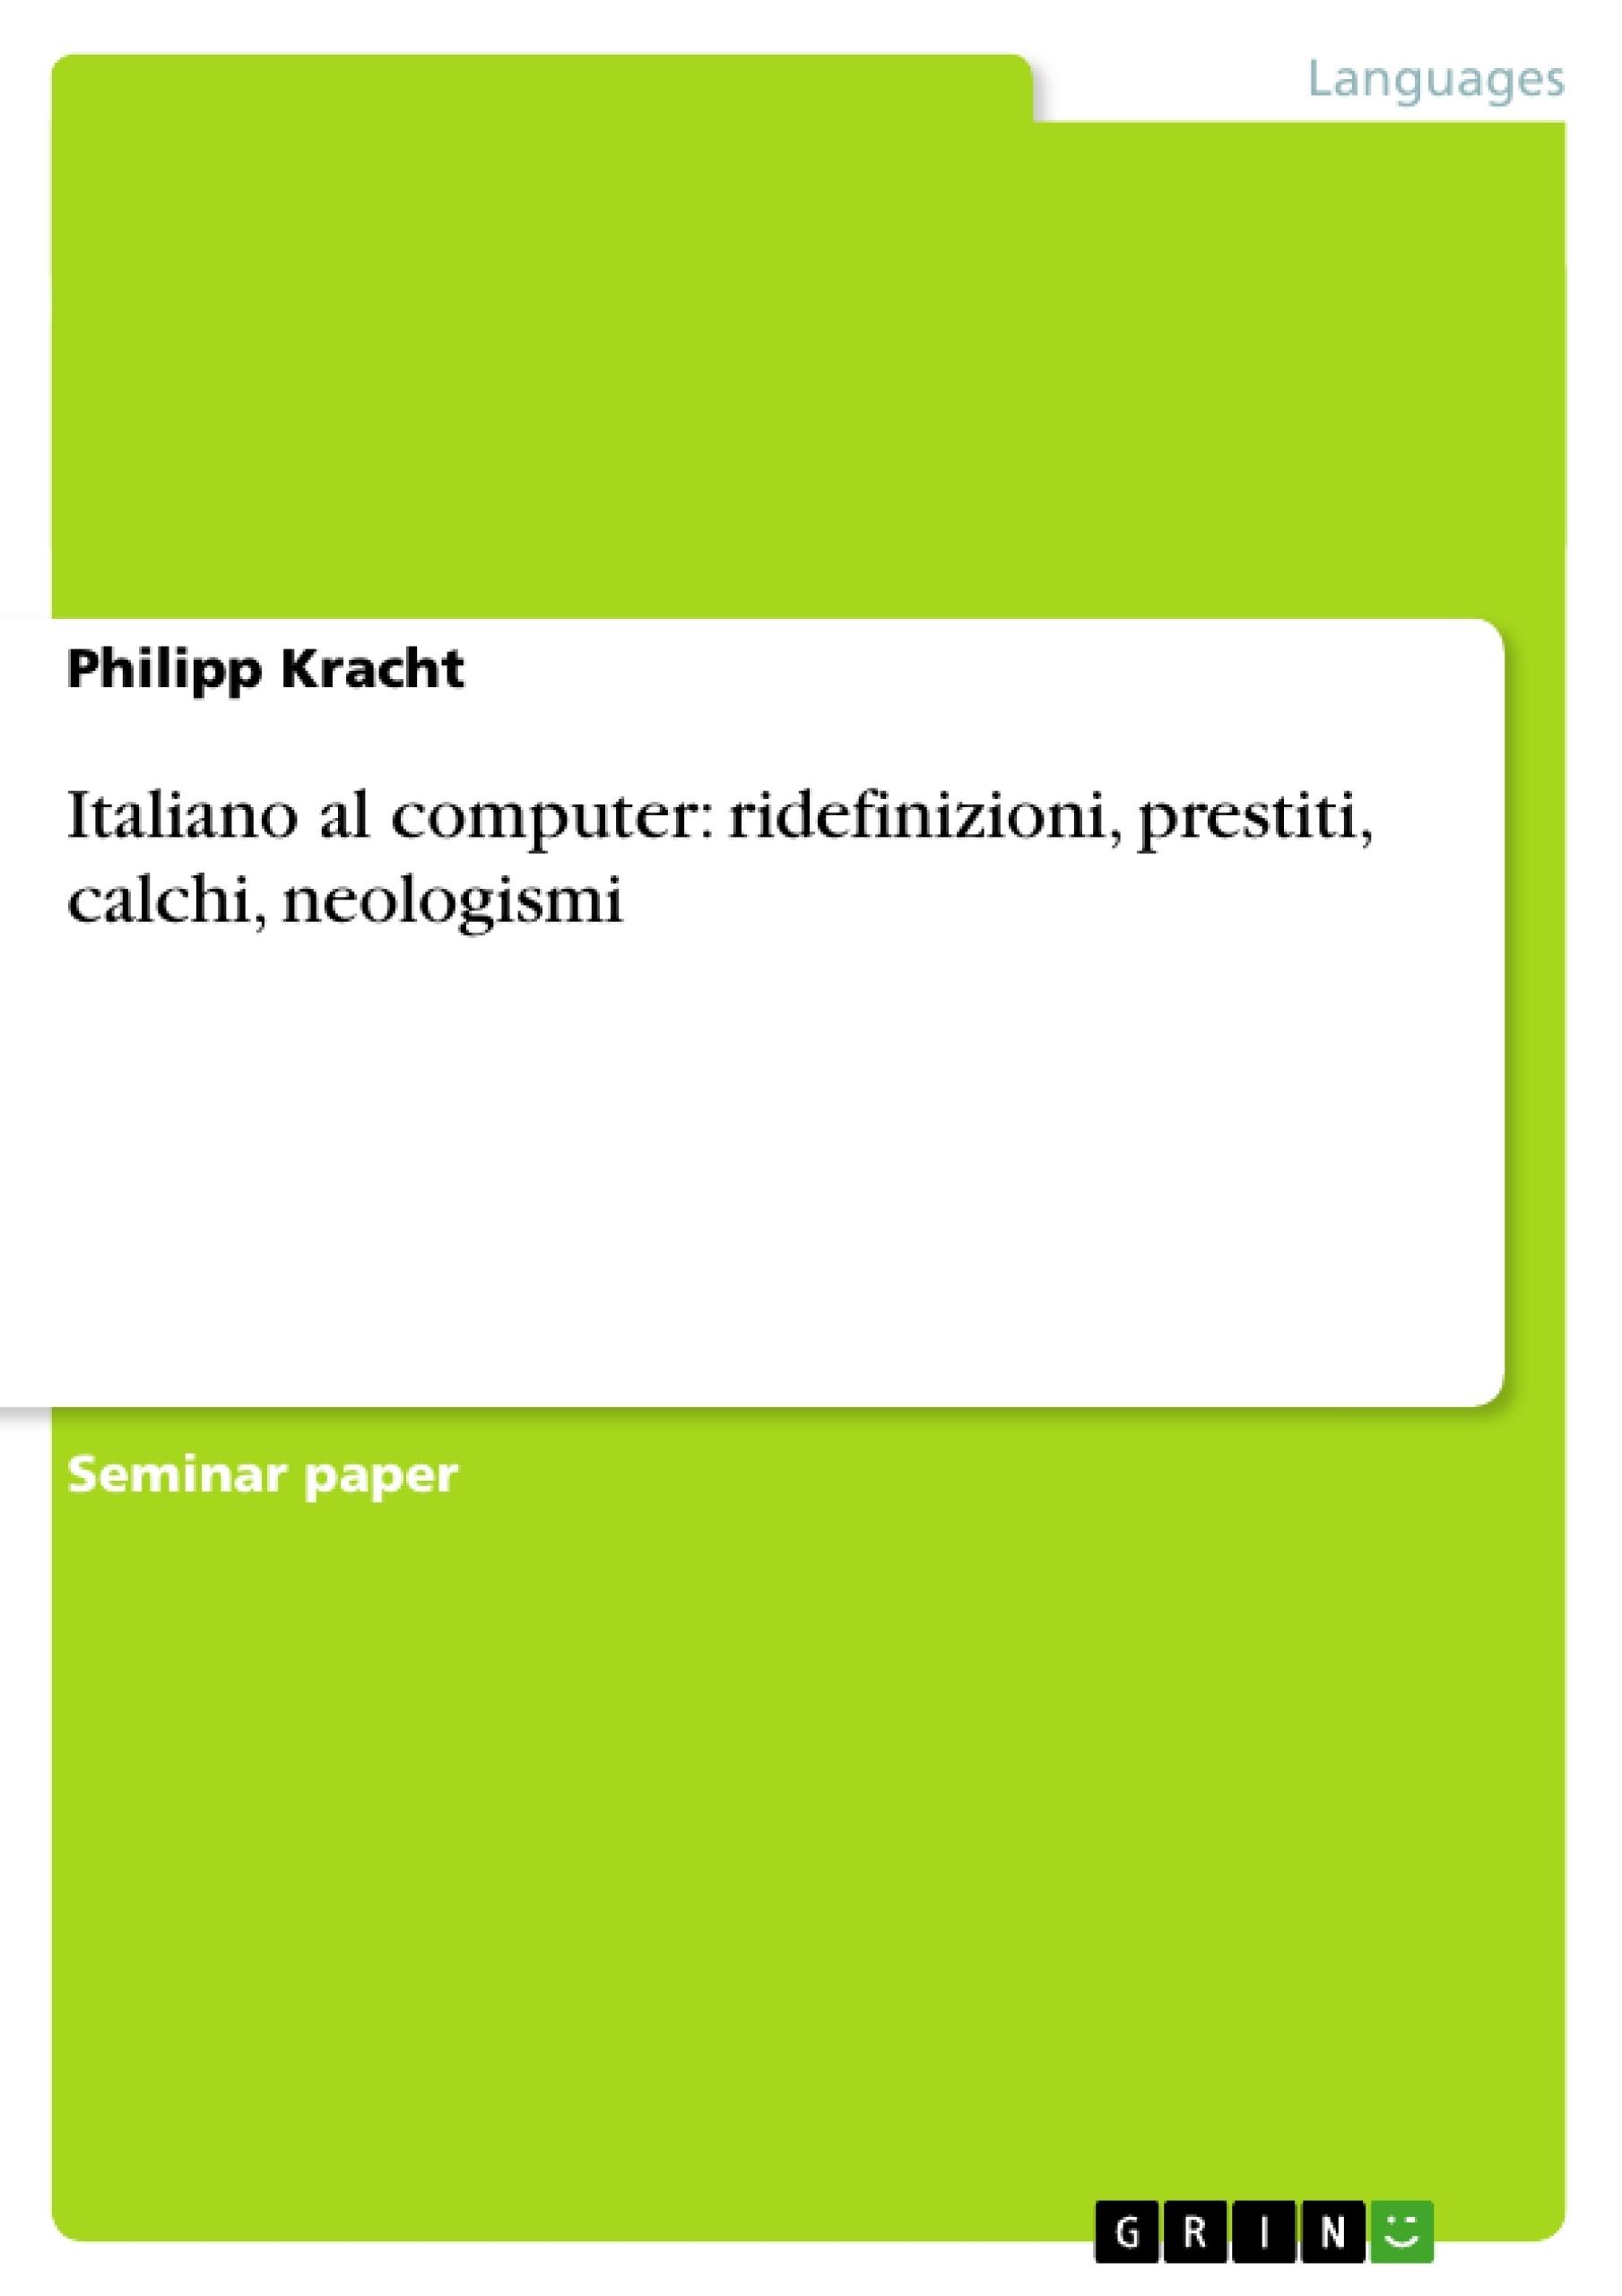 Title: Italiano al computer: ridefinizioni, prestiti, calchi, neologismi